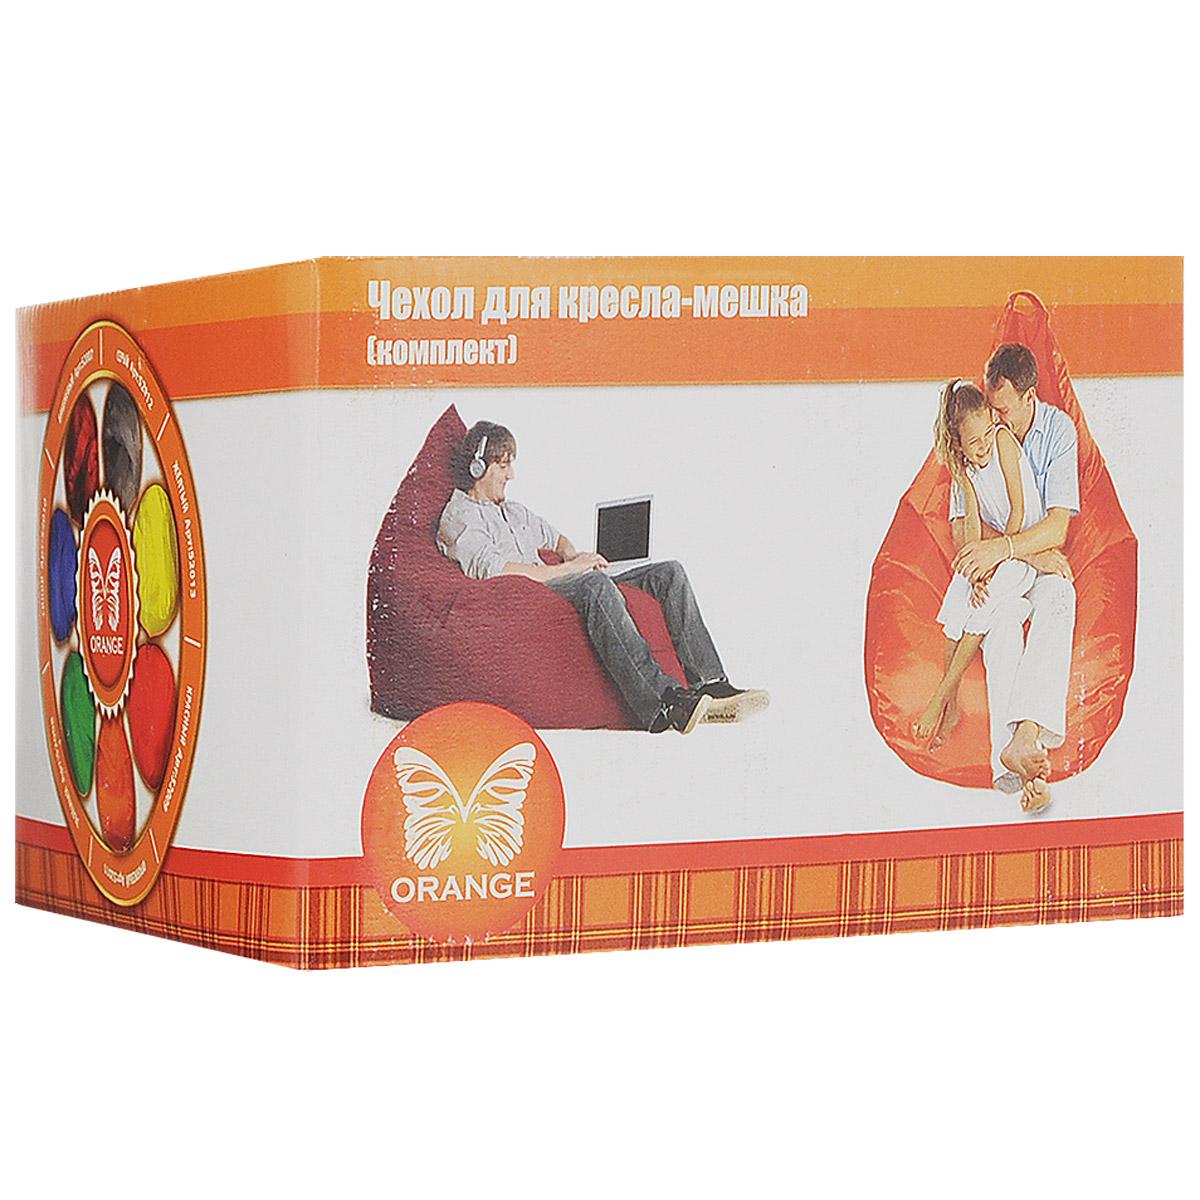 Комплект чехлов для кресла-мешка Orange, цвет: вишневый, 2 шт. 5200752007Комплект чехлов для кресла-мешка Orange состоит из внешнего съемного мешка и внутреннего чехла для наполнителя. Чехлы имеют форму груши; изготовлены из оксфорда и спанбонда. Инструкция по применению: Открыть молнию внутреннего чехла, добавить во внутренний чехол наполнитель. Закрыть молнию внутреннего чехла, одеть внешний мешок. Изделие рекомендуется стирать при температуре 40°С. Запрещается отжим и сушка в стиральной машине, химчистка и отбеливание. Внимание! Наполнитель для внутреннего чехла не входит в поставку. УВАЖАЕМЫЕ КЛИЕНТЫ! Обращаем ваше внимание на то, что для сборки кресла-мешка требуется комплект чехлов и 2 мешка наполнителя.